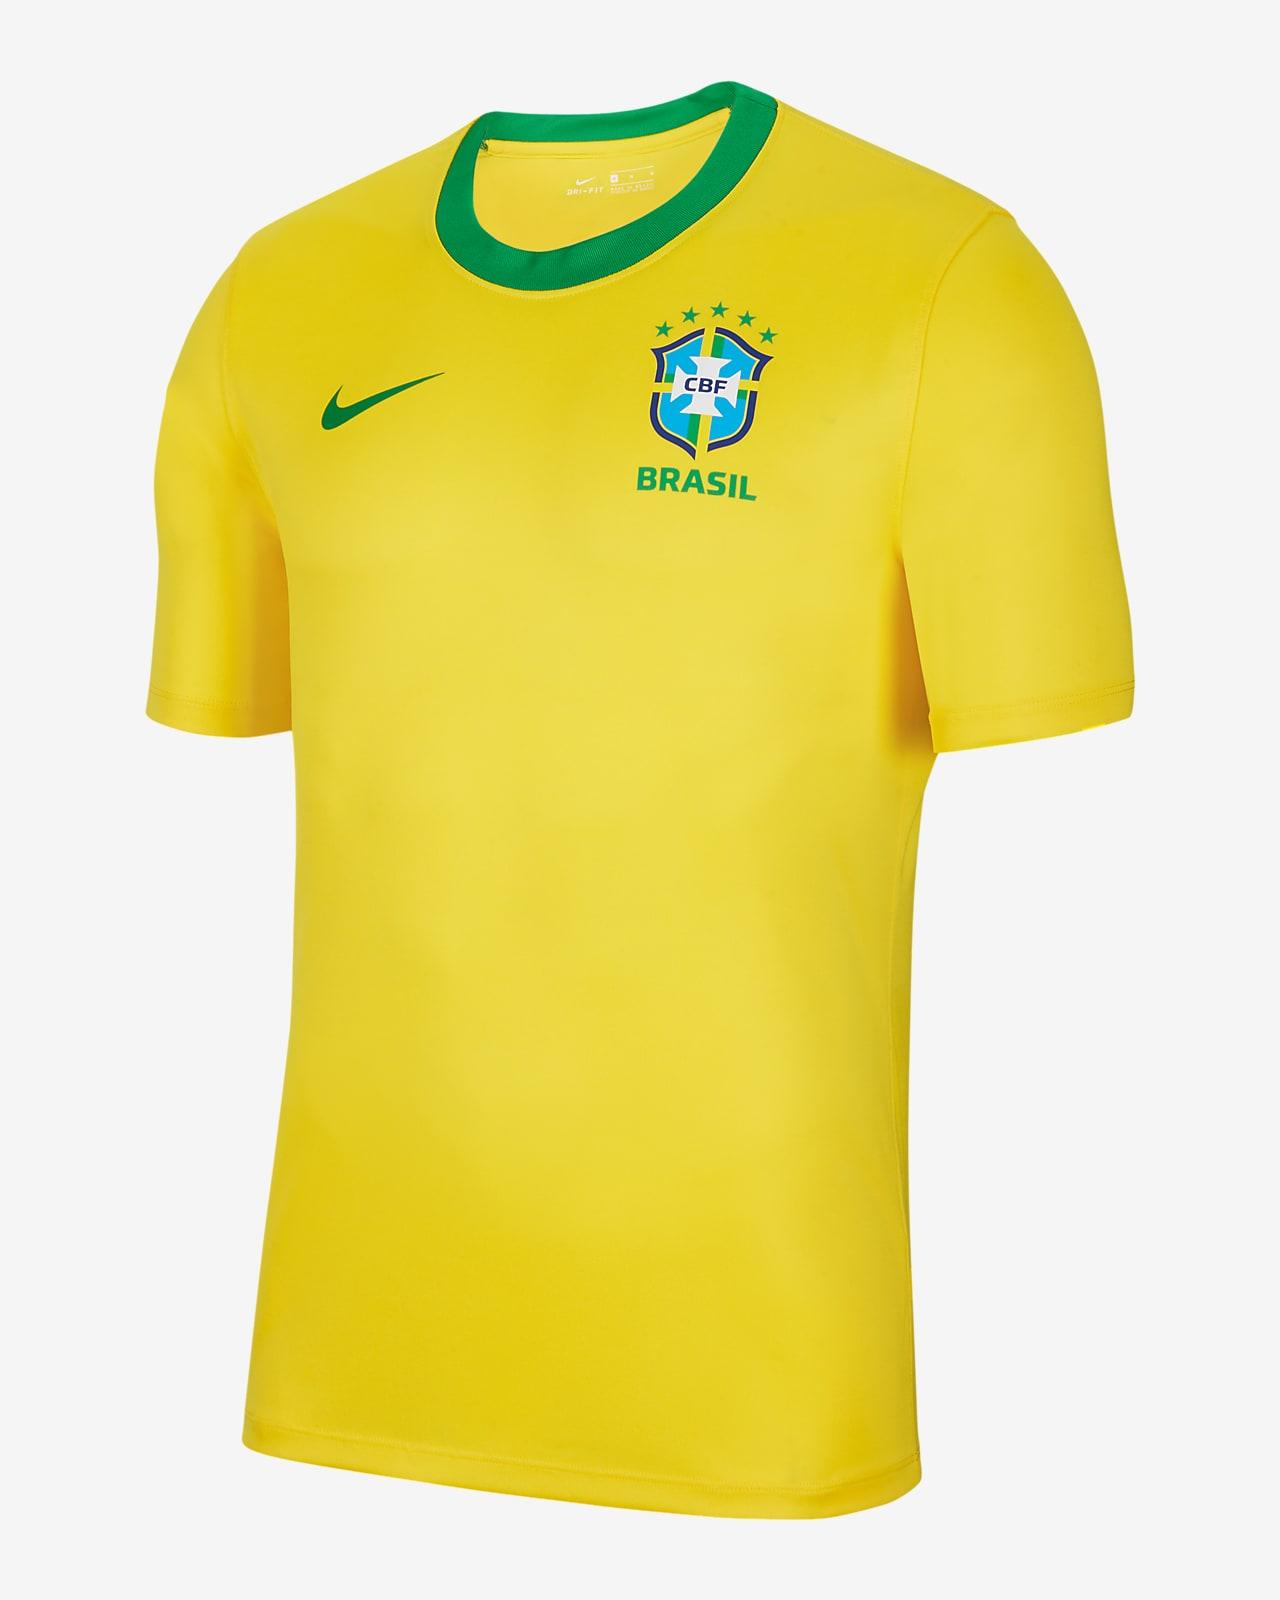 เสื้อฟุตบอลแขนสั้นผู้ชาย Brasil Home